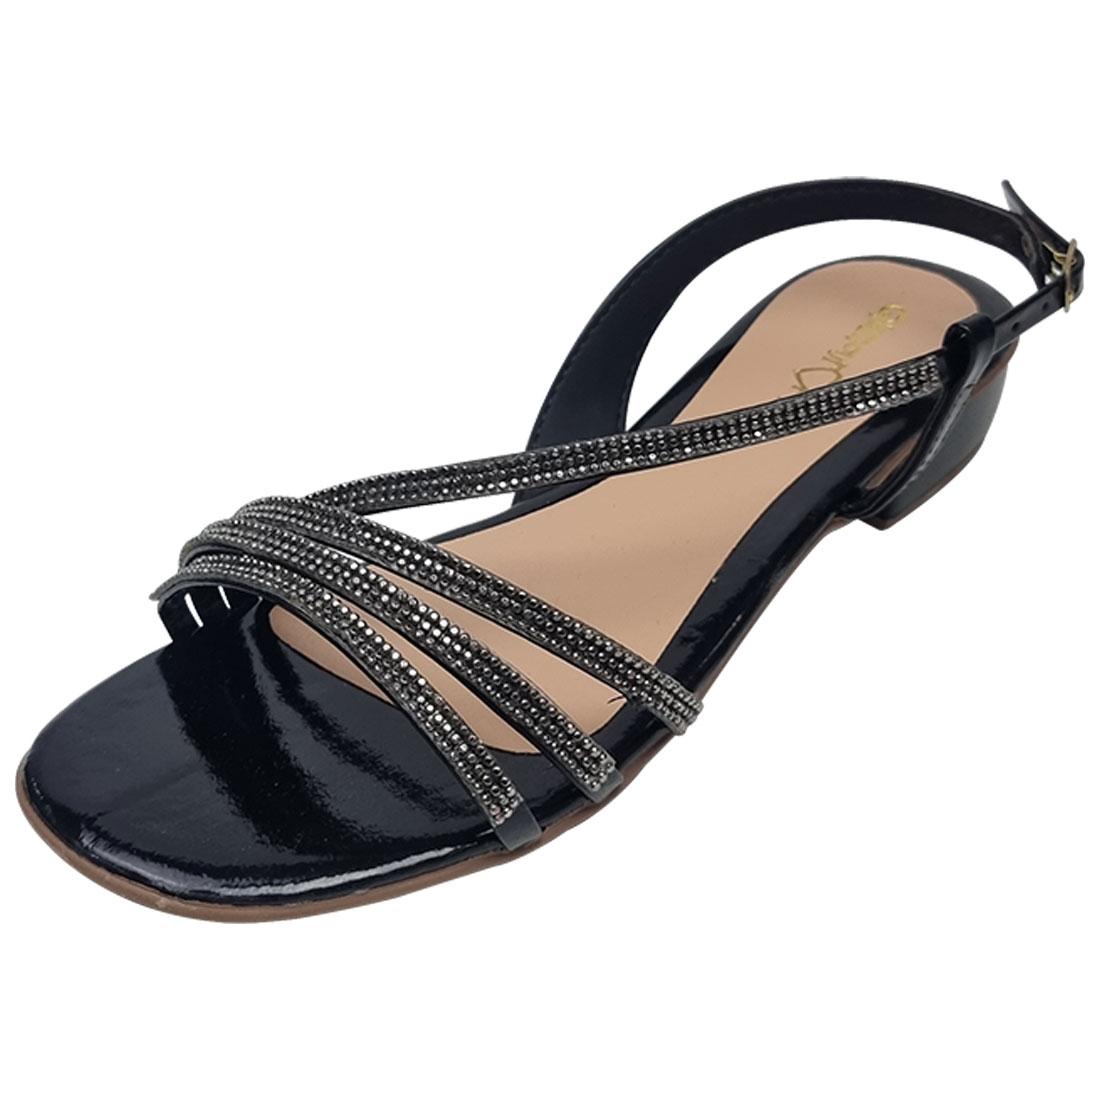 Sandália Salto Baixo com Strass - Preto